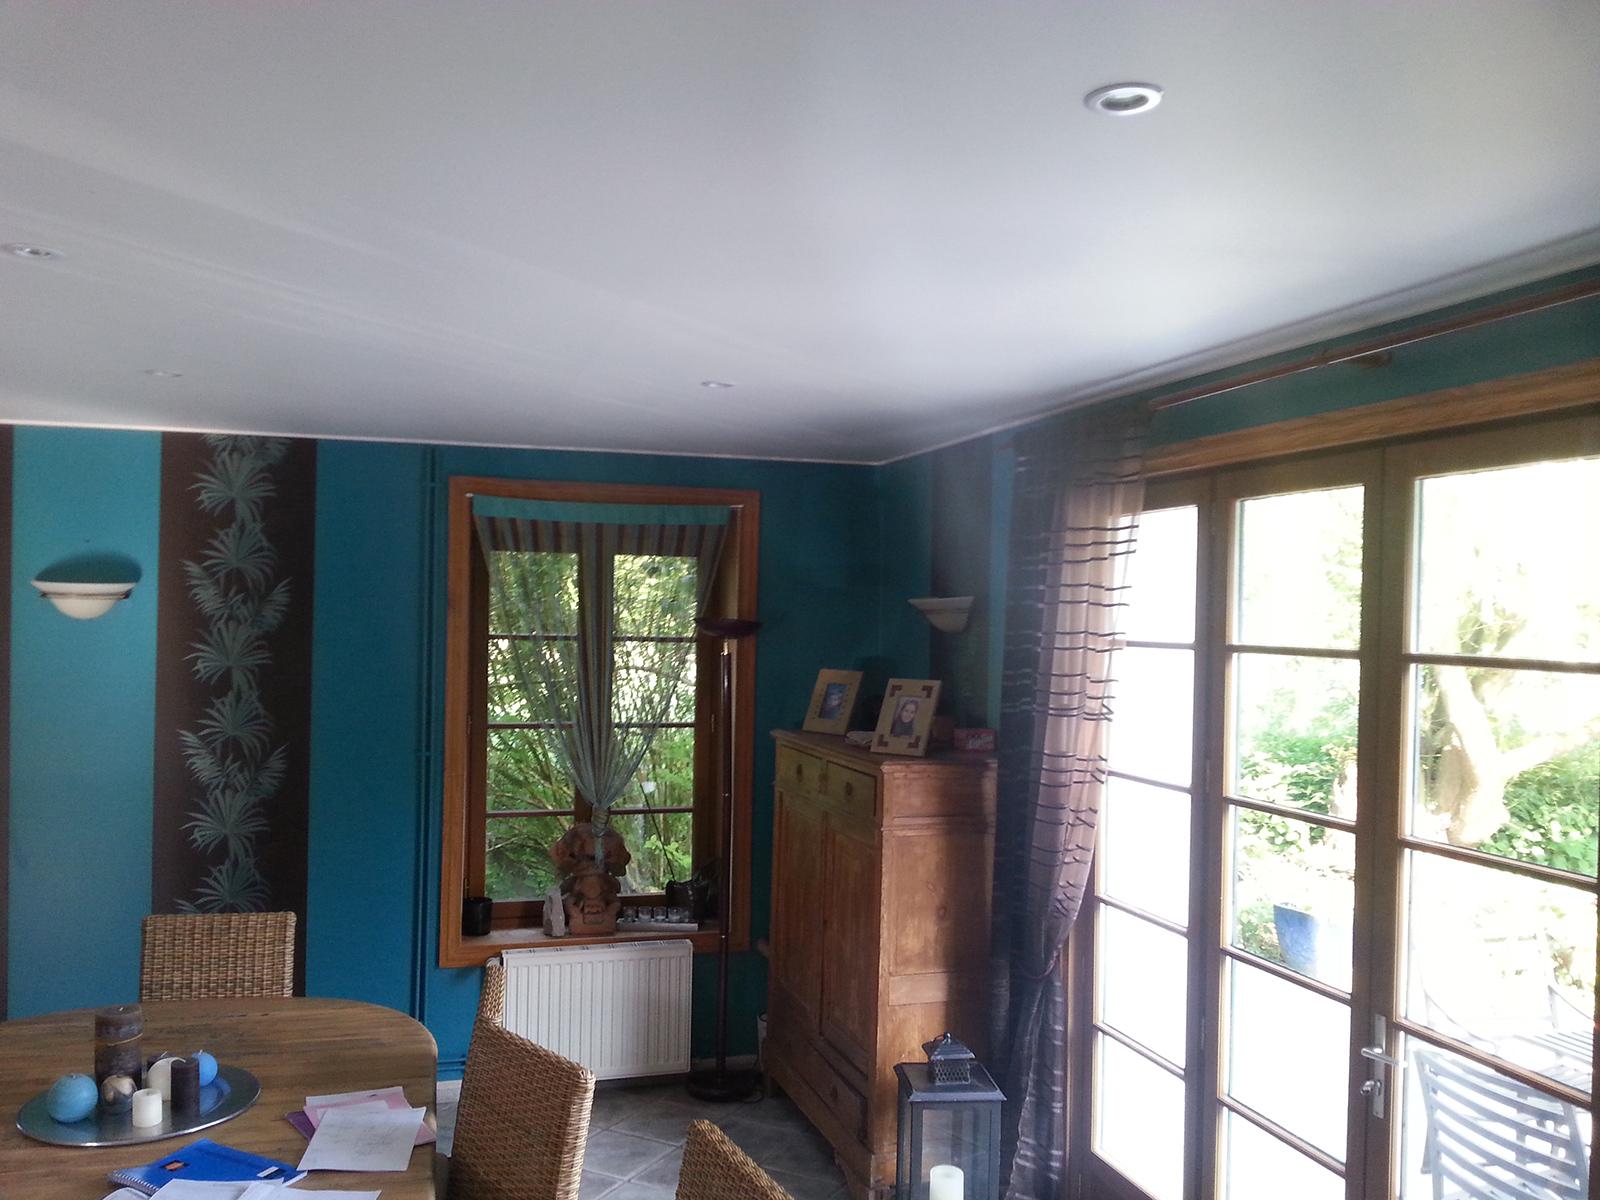 plafond tendu acoustique lta lys technique acoustique. Black Bedroom Furniture Sets. Home Design Ideas